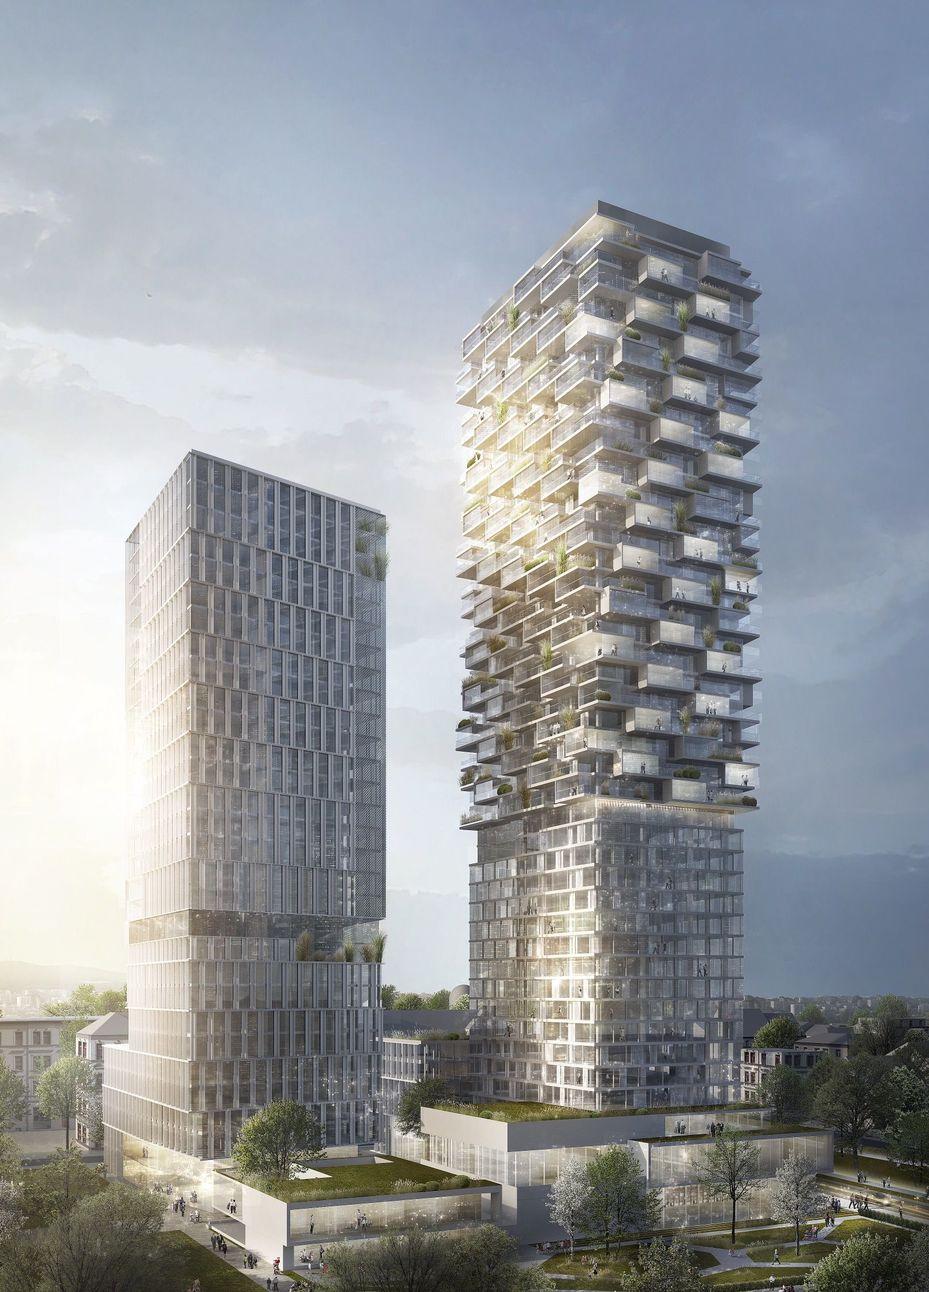 Frankfurt cyrus moser gewinnt hochhaus wettbewerb - Moser architekten ...